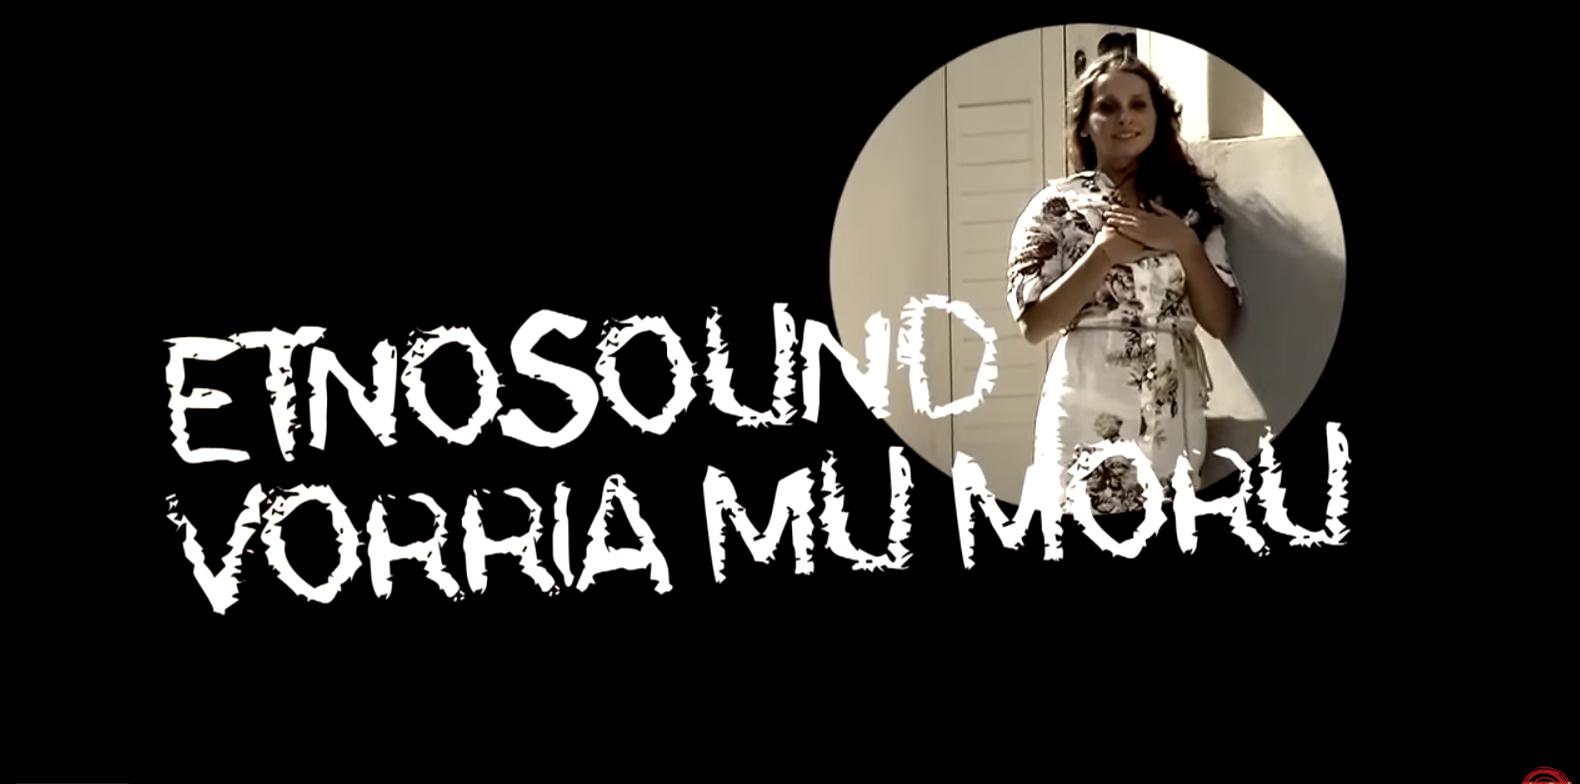 Vorria Mu Moru – Official Video – ETNOSOUND